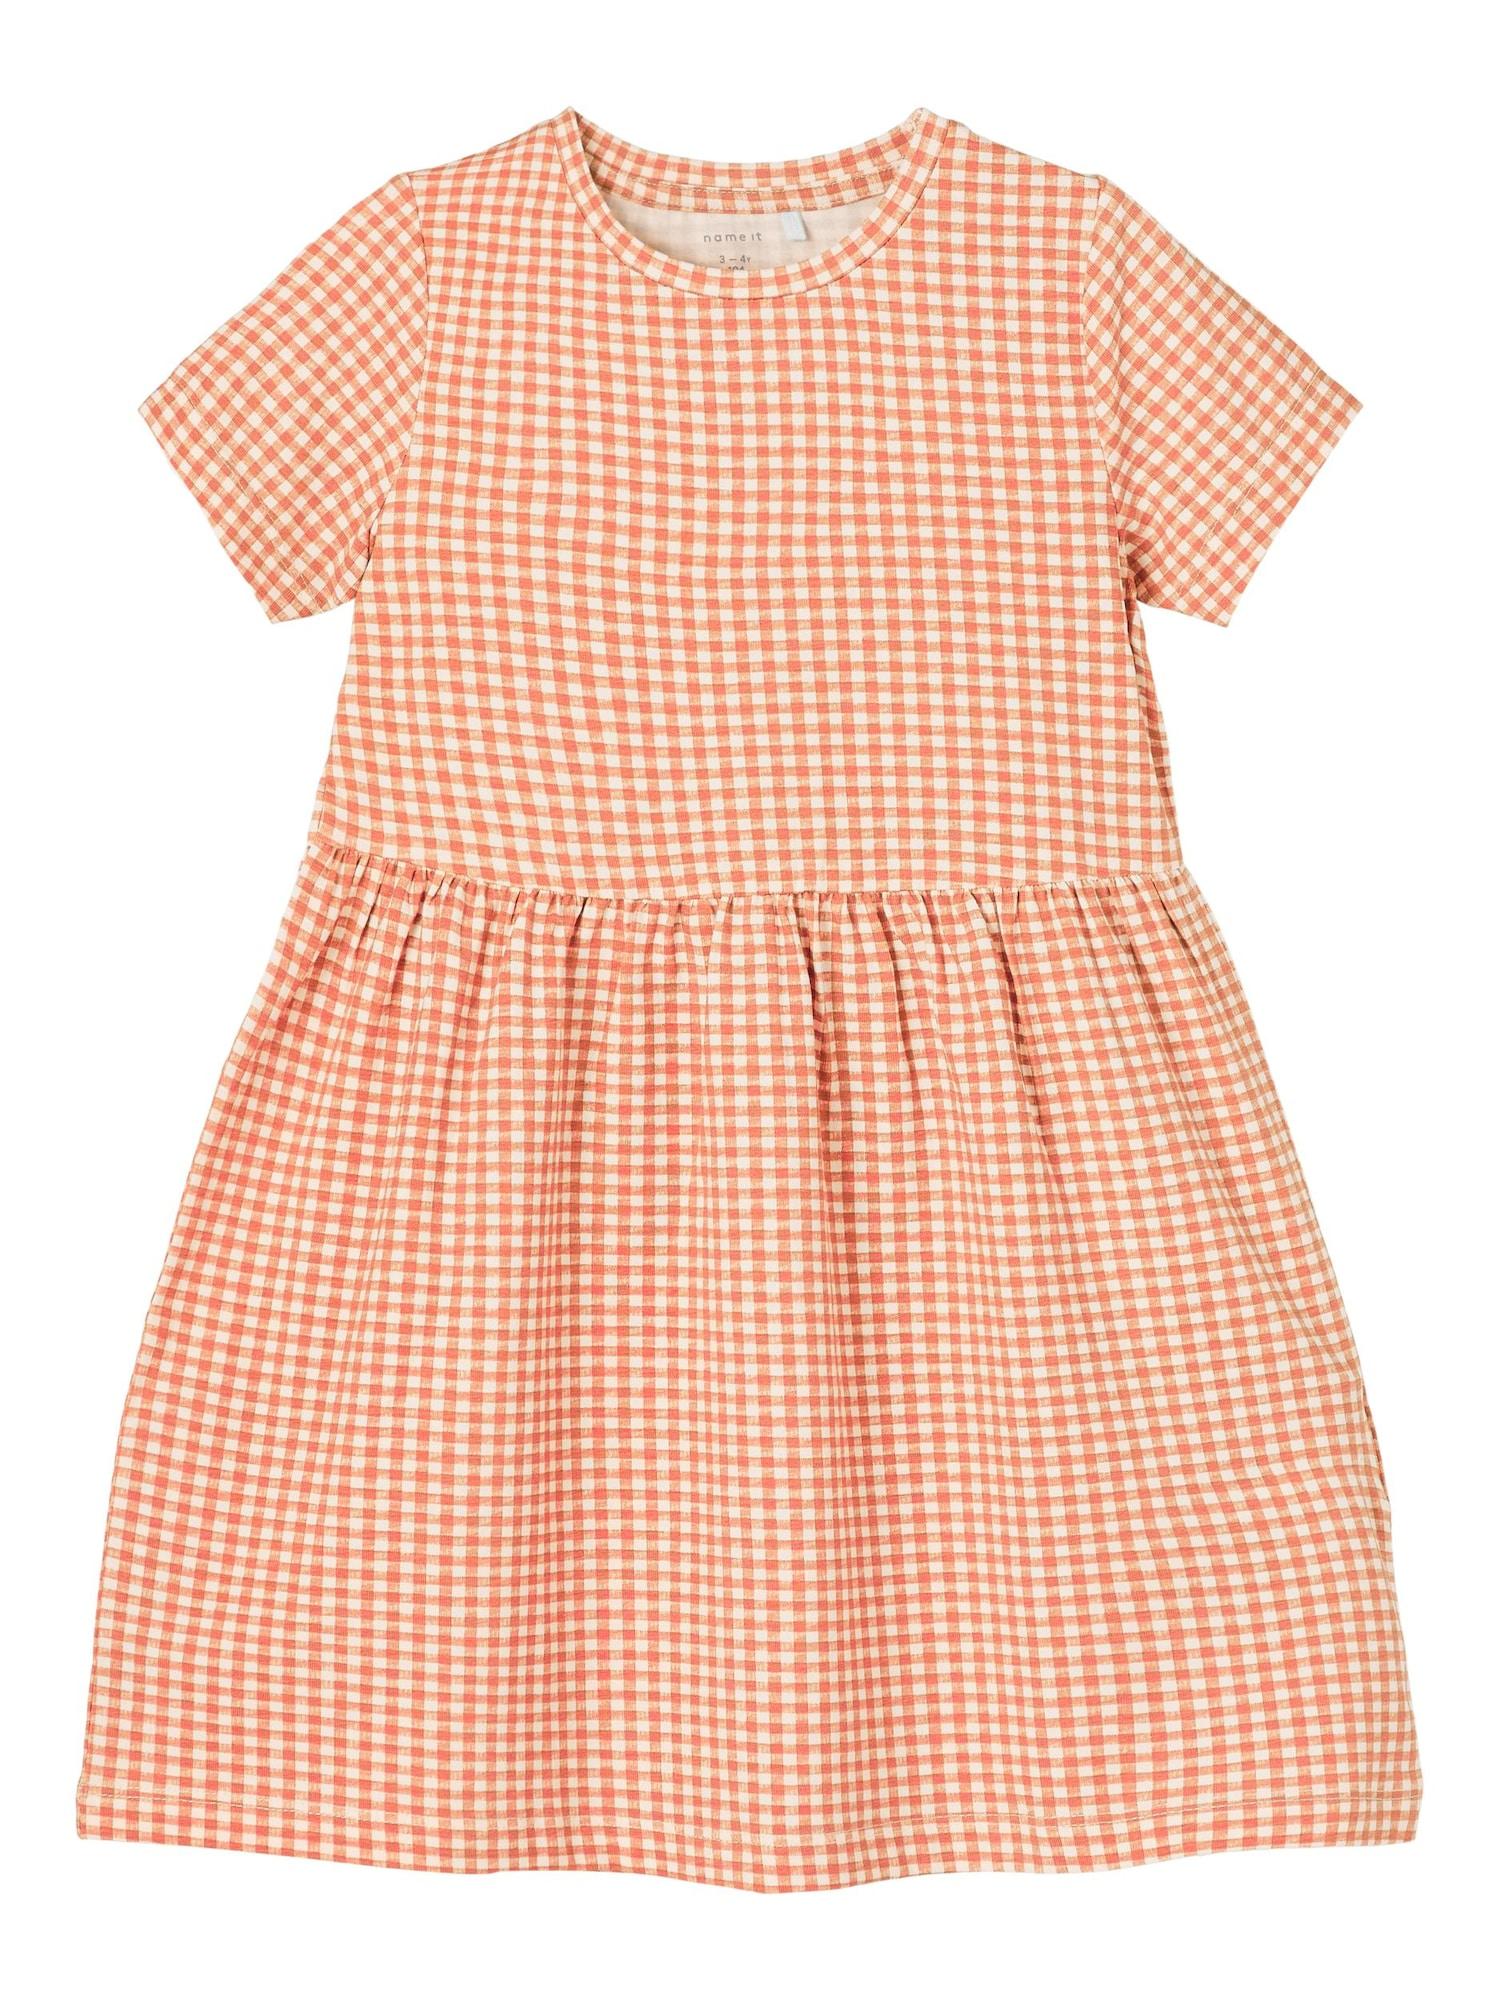 NAME IT Suknelė 'Damar' balta / tamsiai oranžinė / pastelinė oranžinė